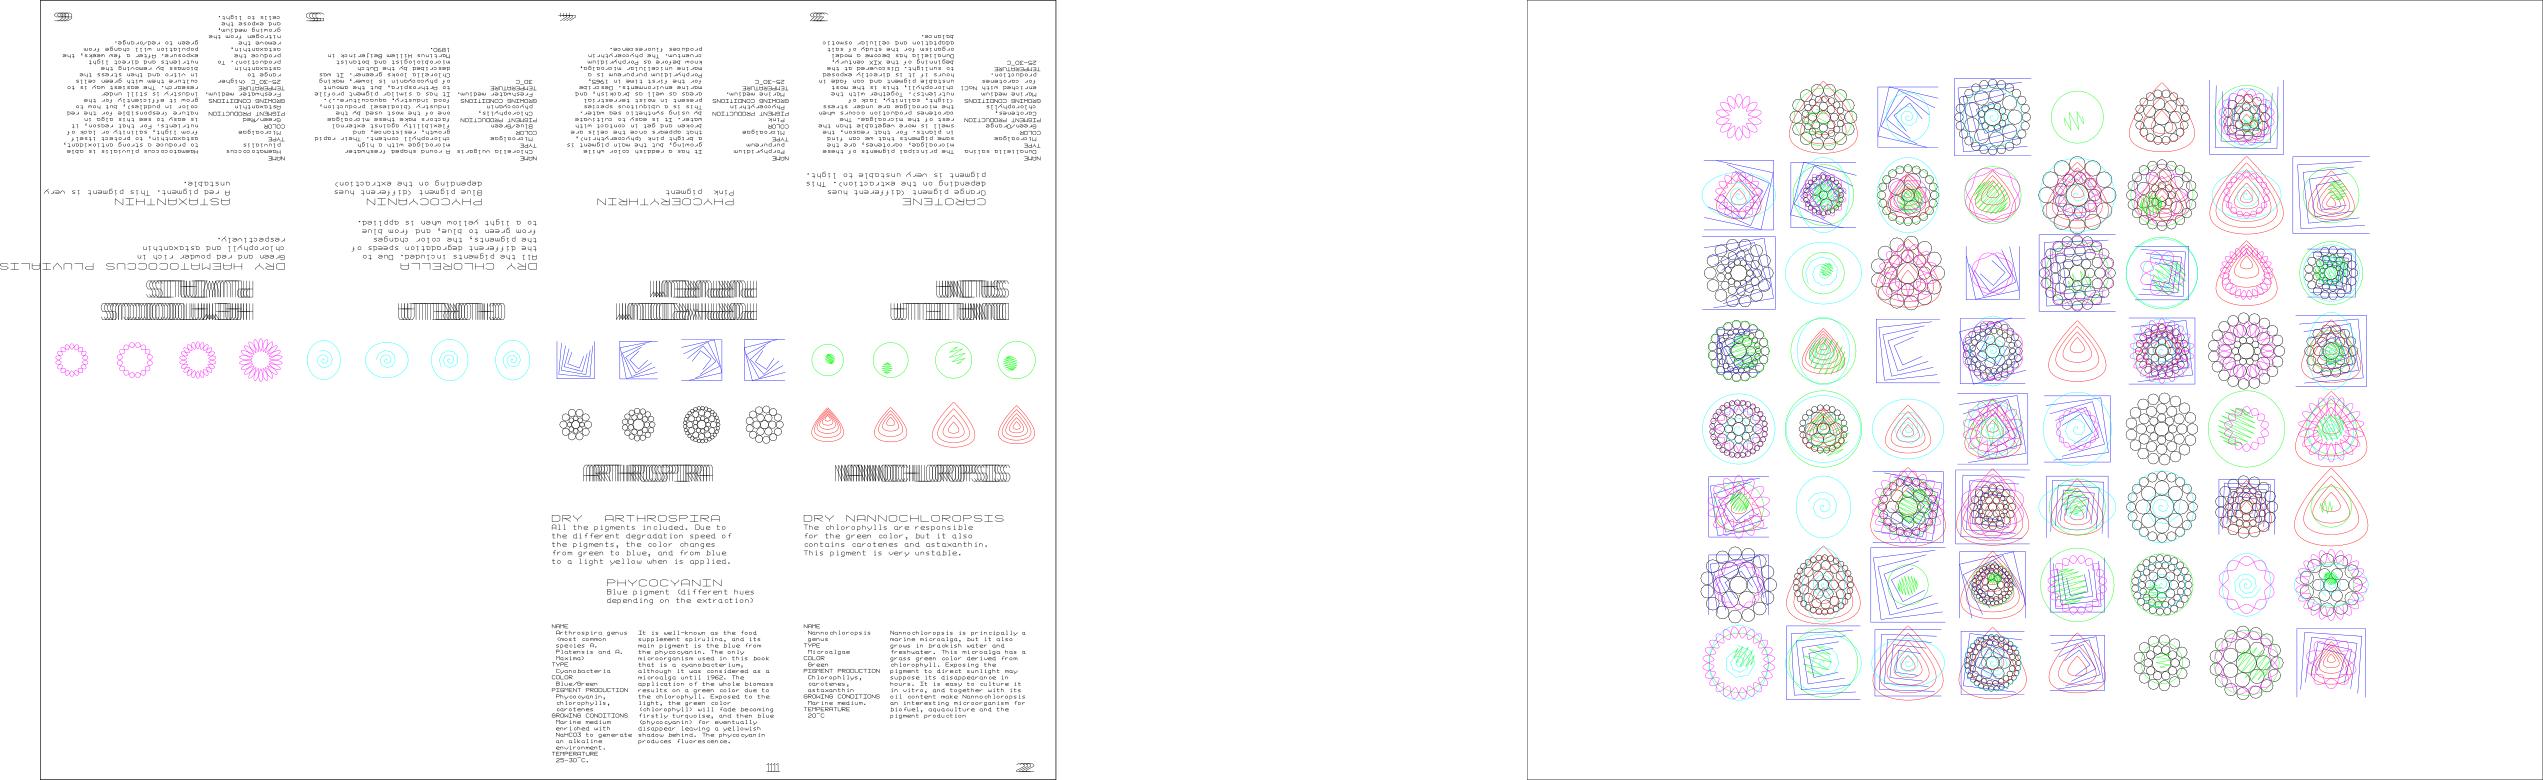 plotter/einar_plotter_experiments/final_scripts/g12-38.png